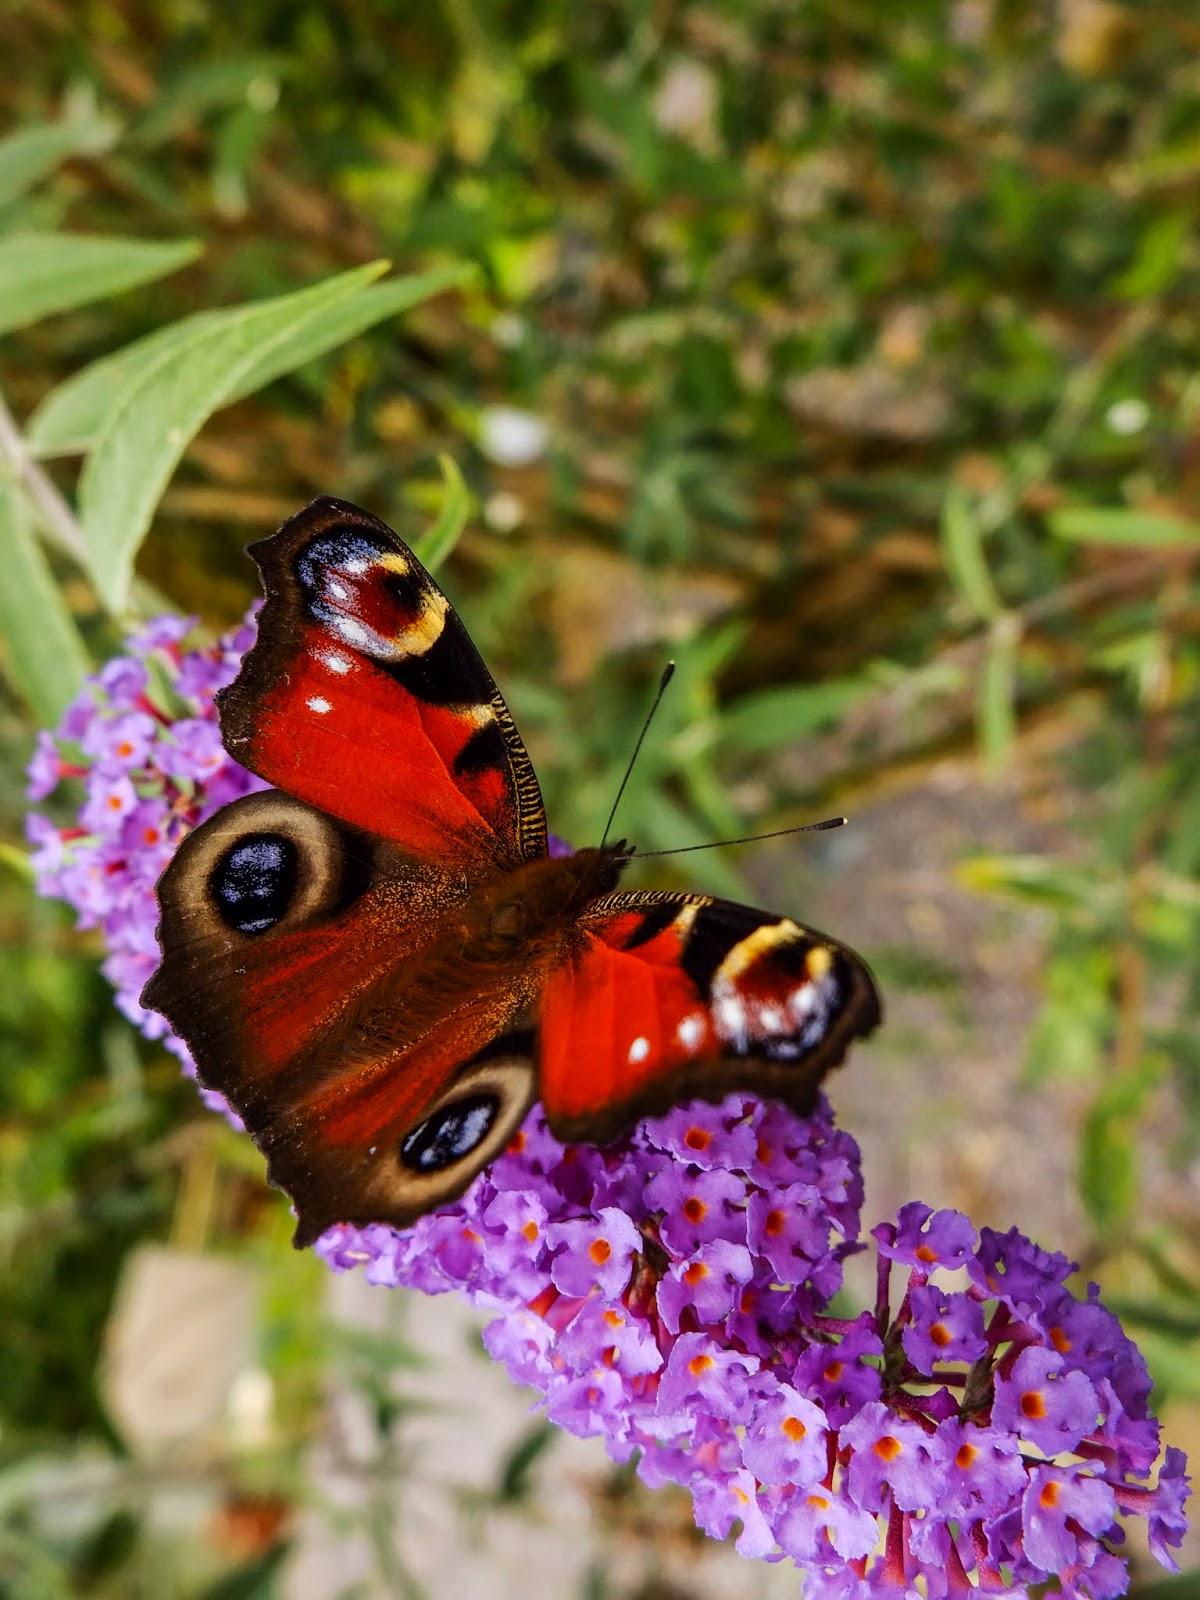 A red butterfly on a purple butterfly bush flower.